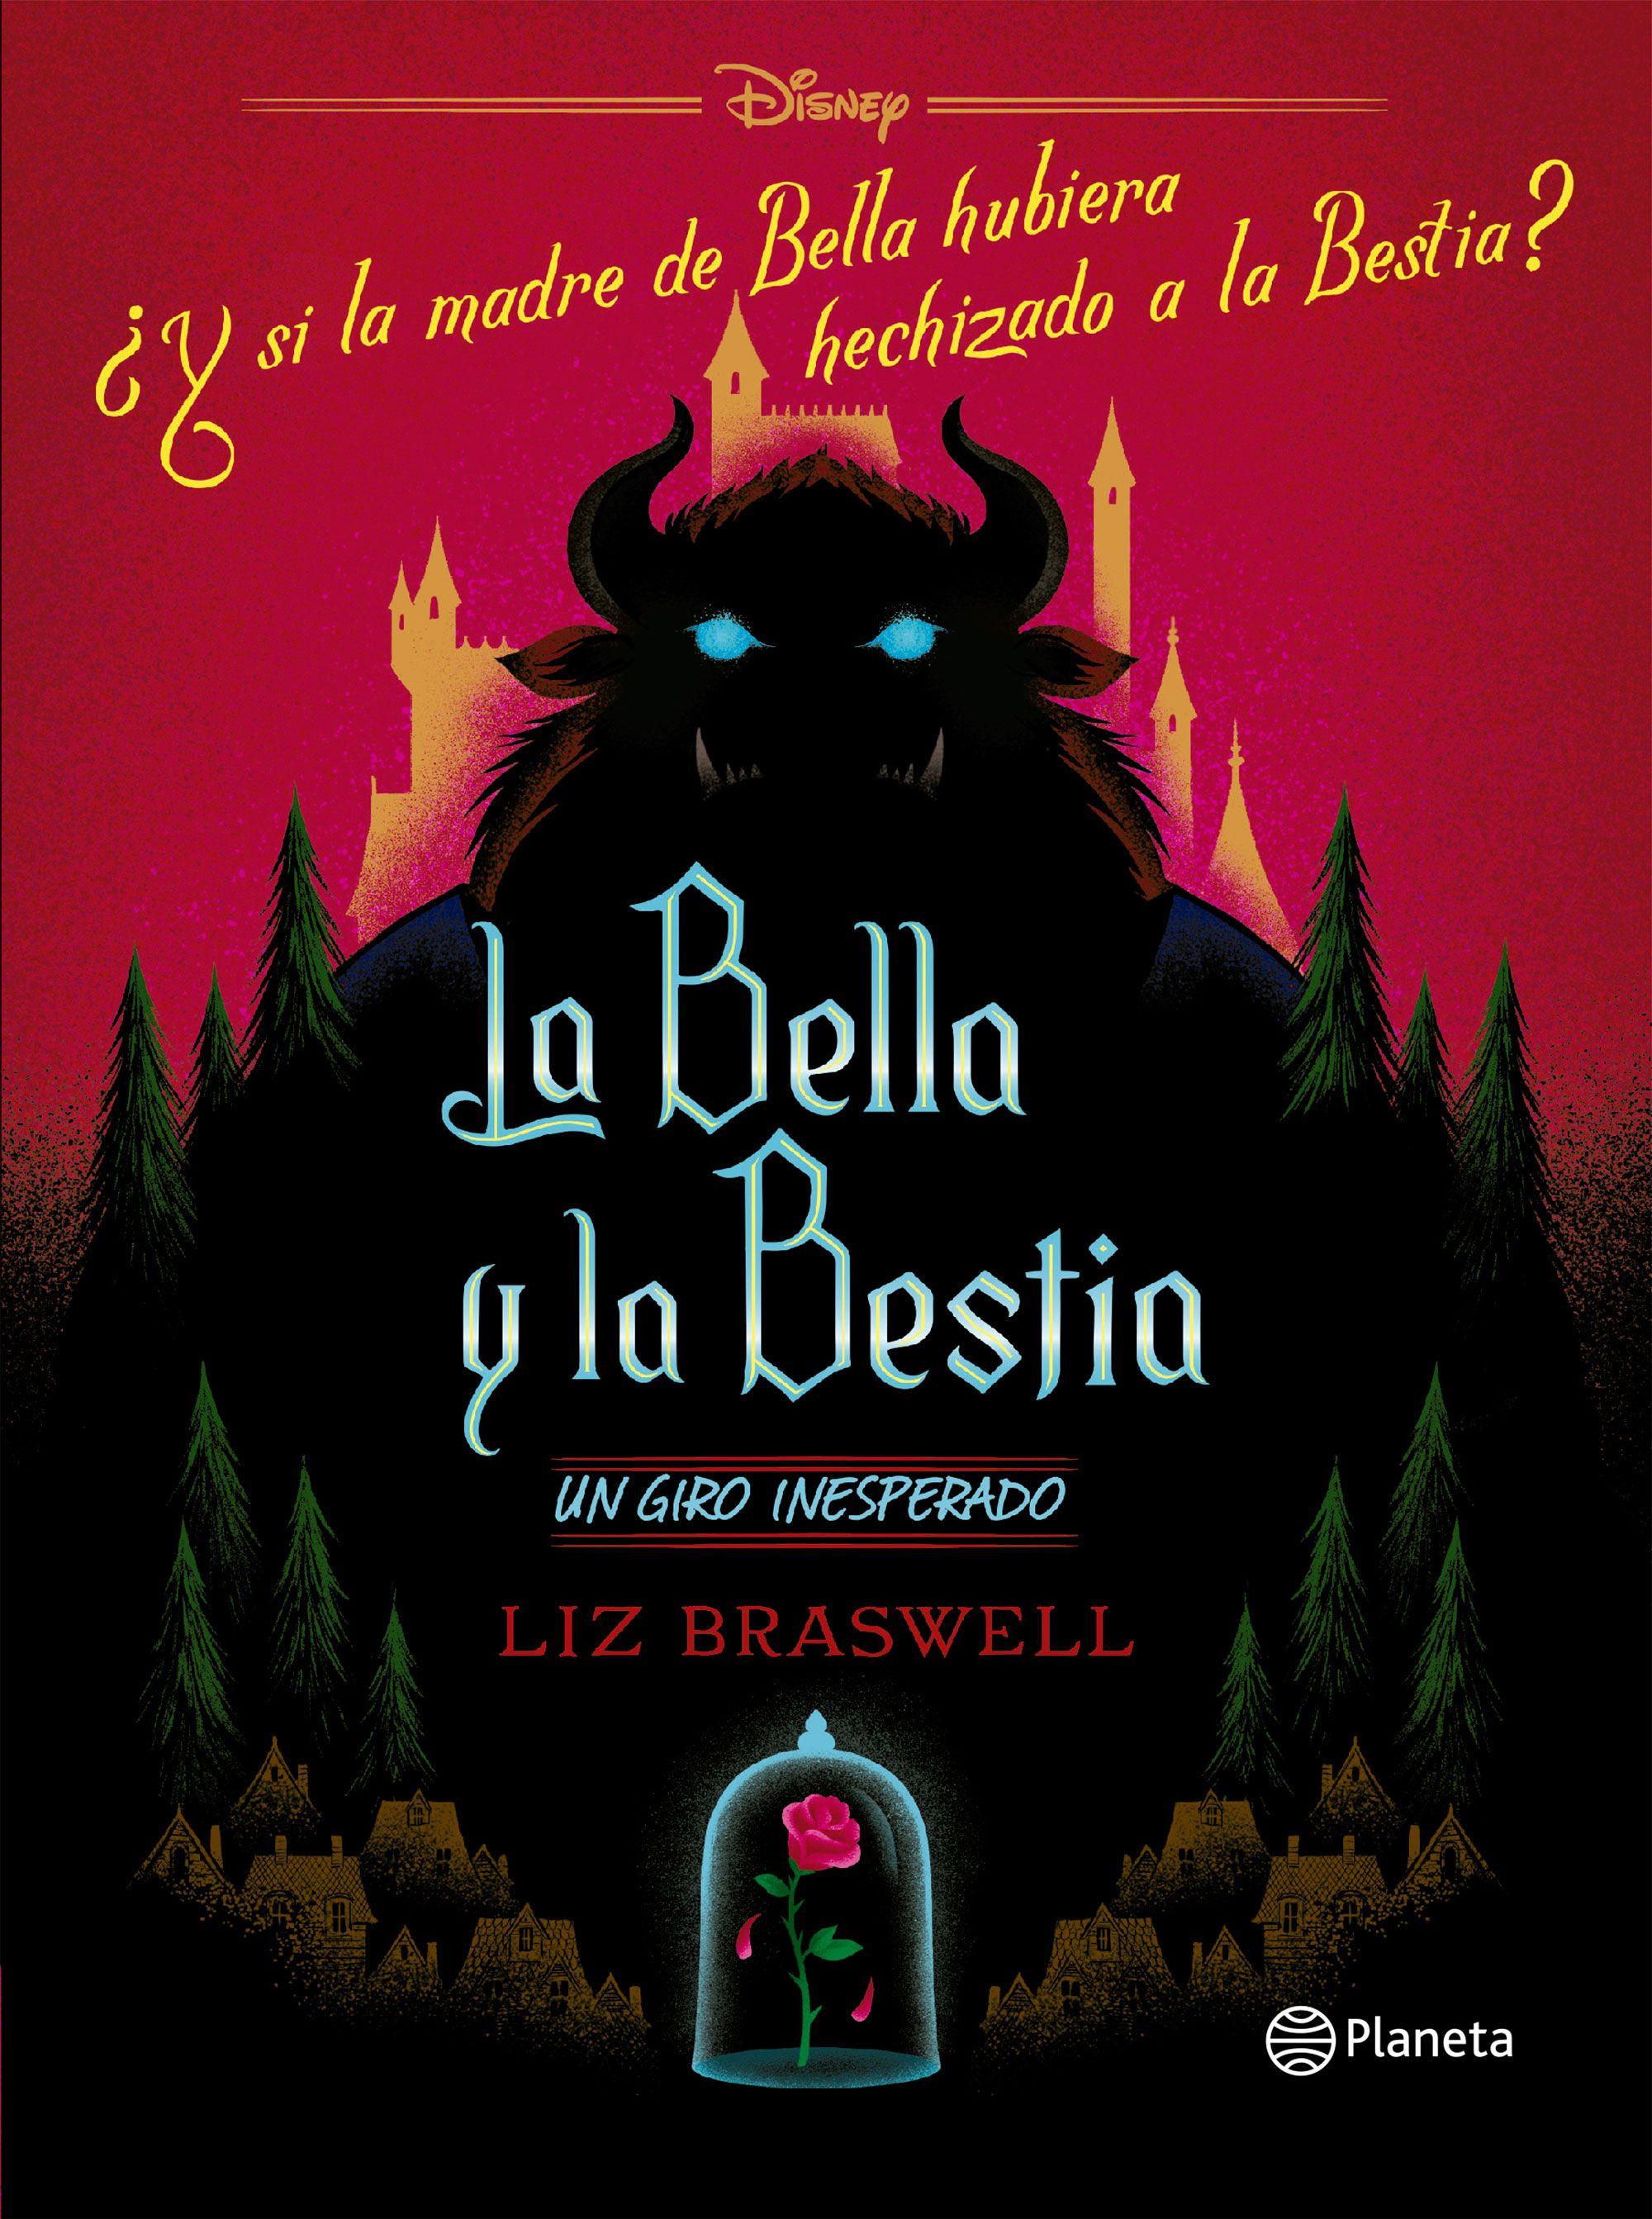 La Bella y la Bestia. Un Giro Inesperado - Disney - Planeta